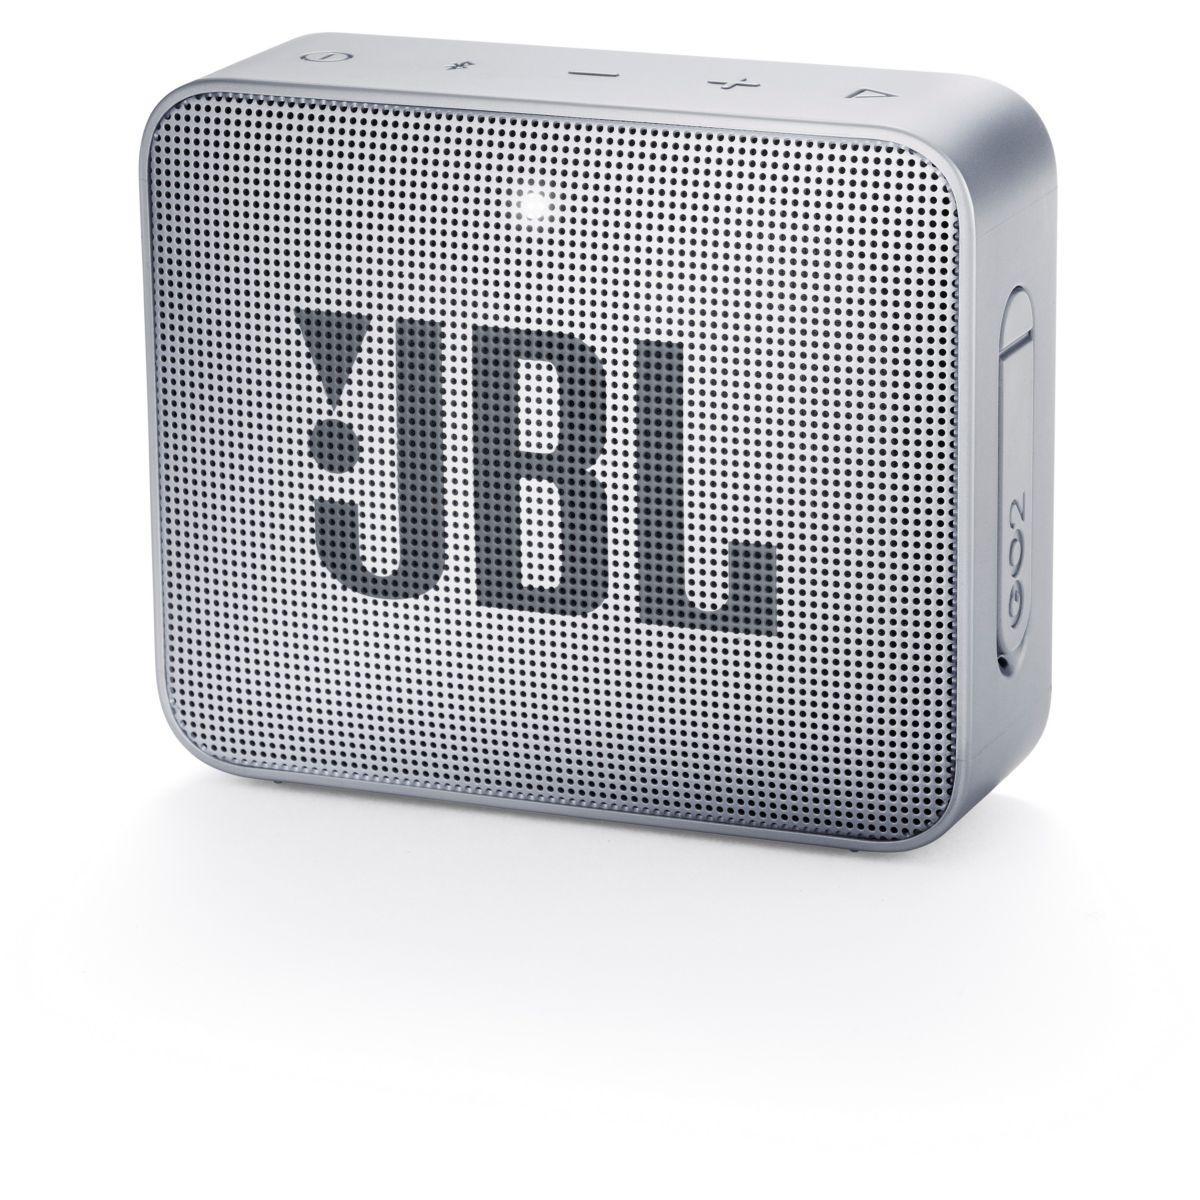 Enceinte bluetooth jbl go 2 gris - livraison offerte : code livdom (photo)